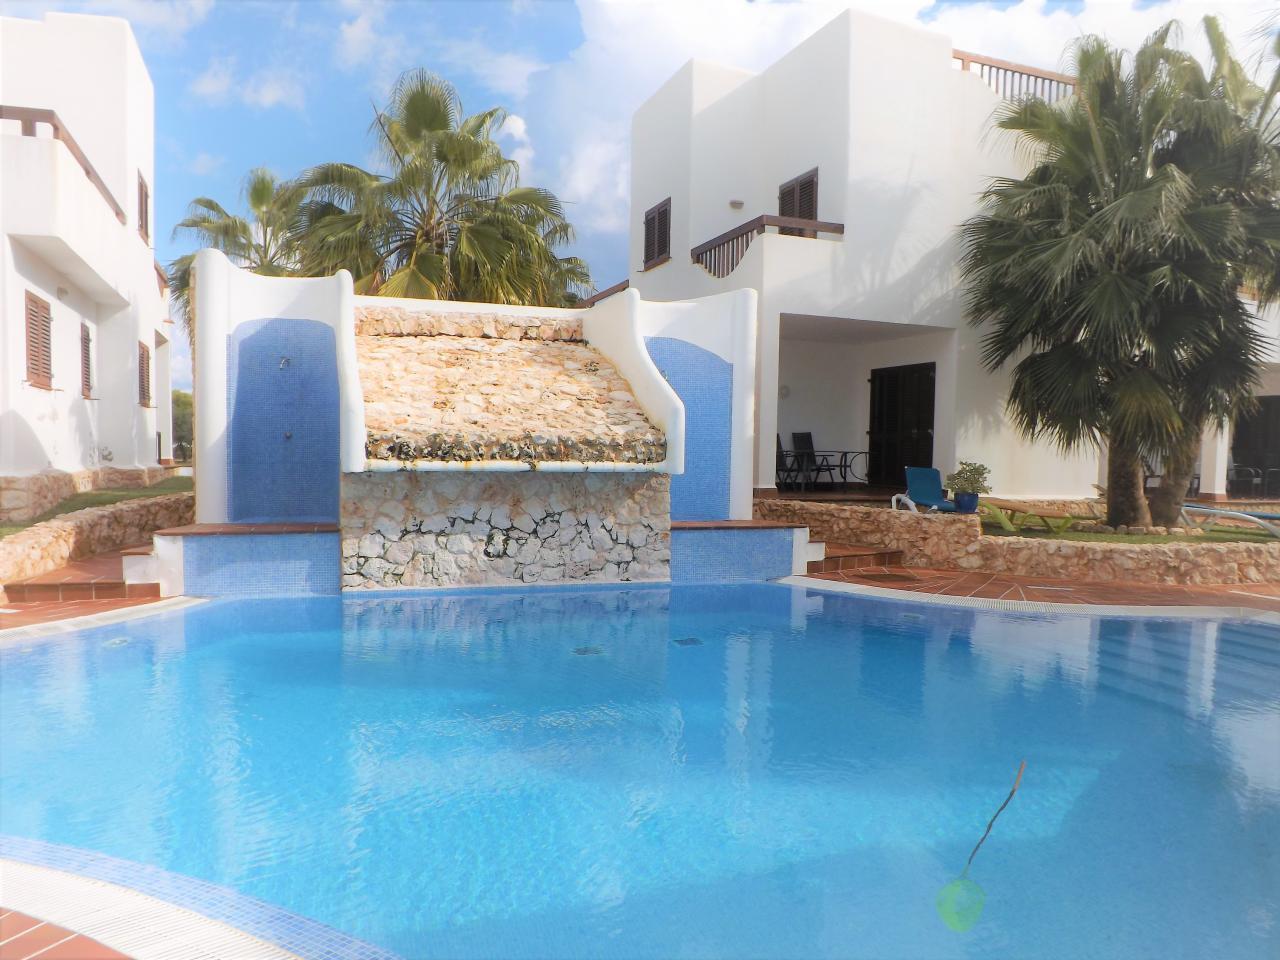 Villa mit 5 Schlafzimmern Gemeinschaftspool WLAN Klimaanlage 300m vom Strand entfernt